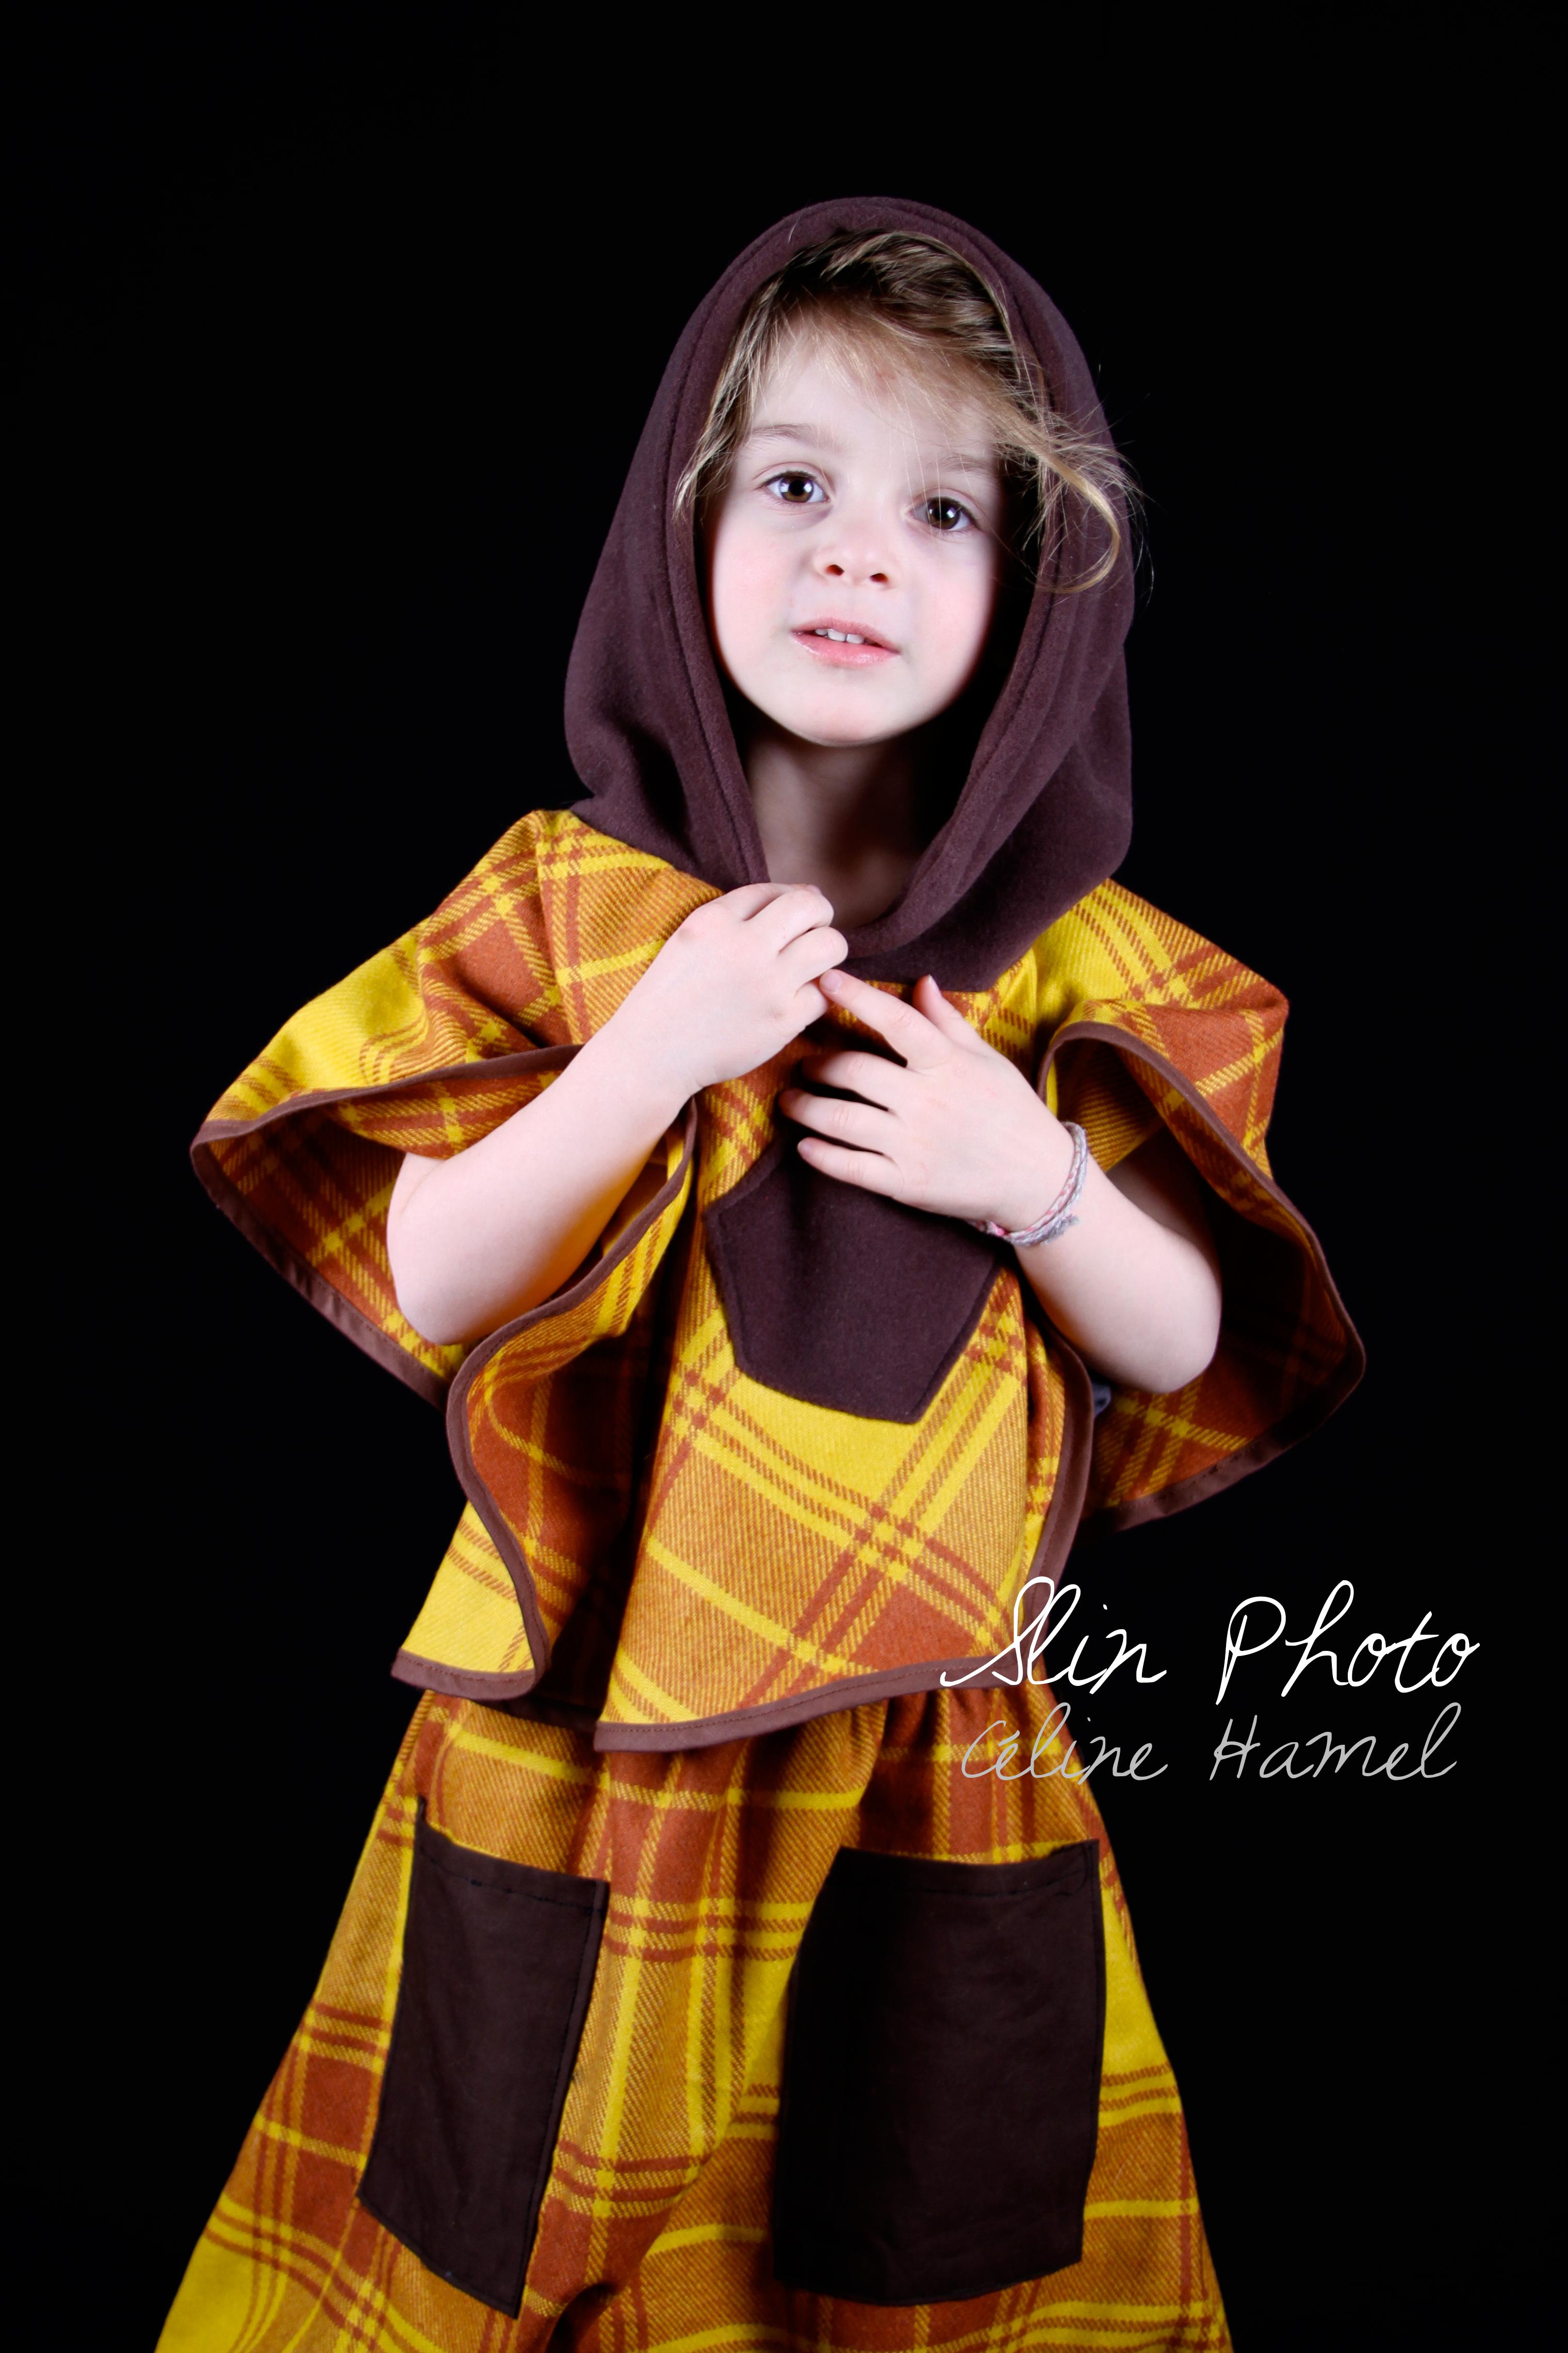 S5_phototographe_vittel_vosges_88_54_52_nouveau-né_grossesse_enfant_portrait_sli